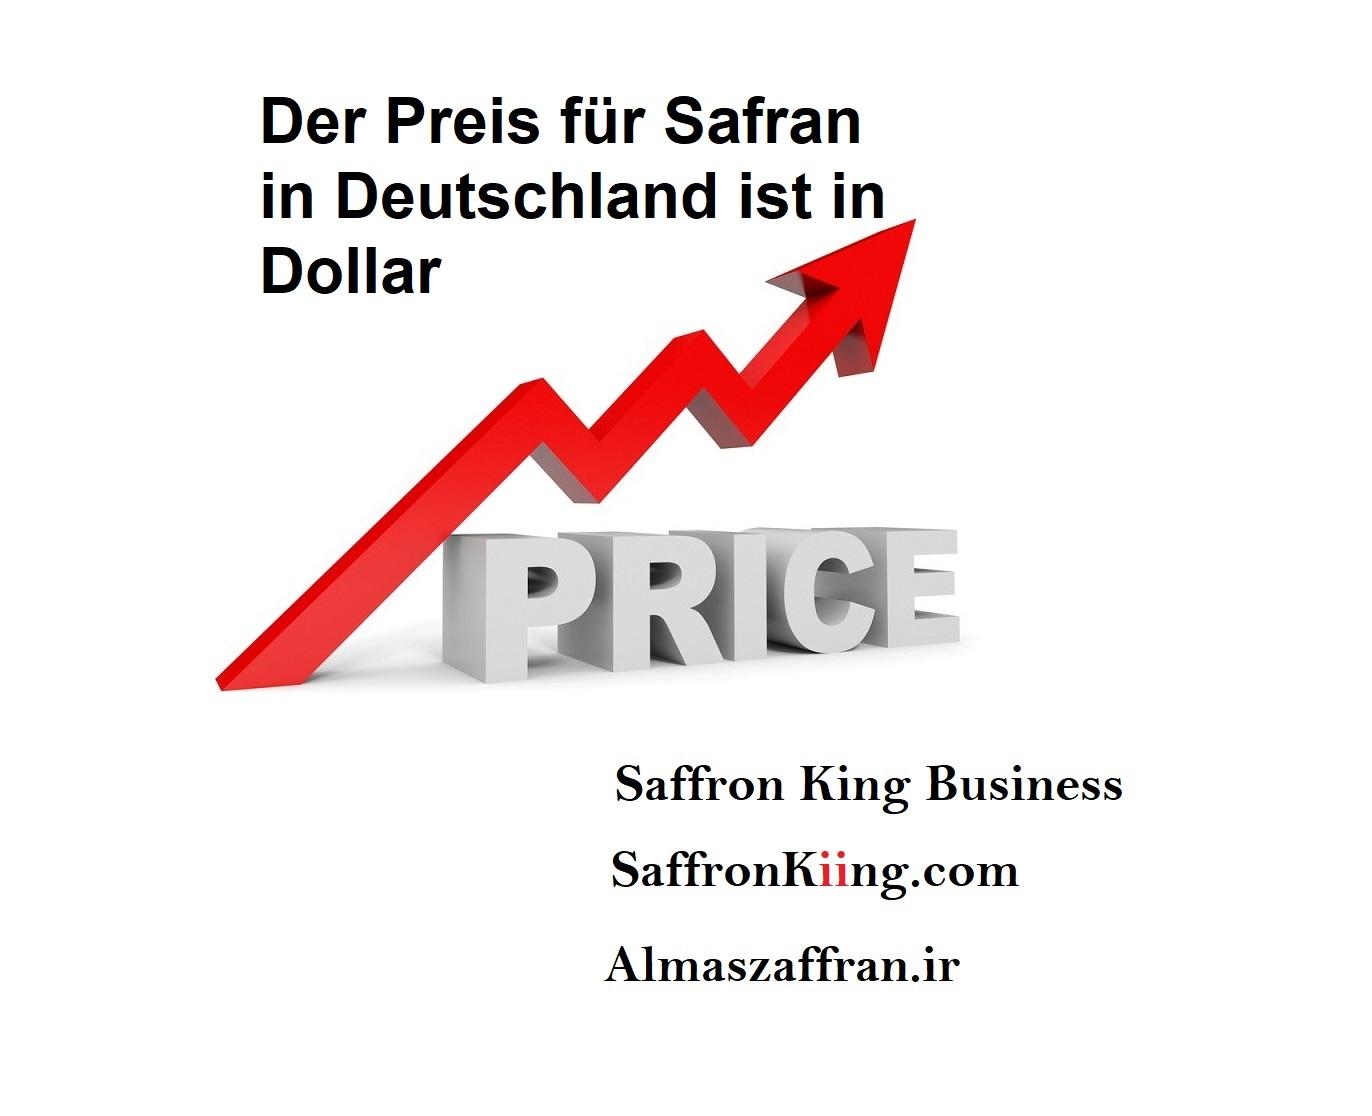 Der Preis für Safran in Deutschland ist in Dollar